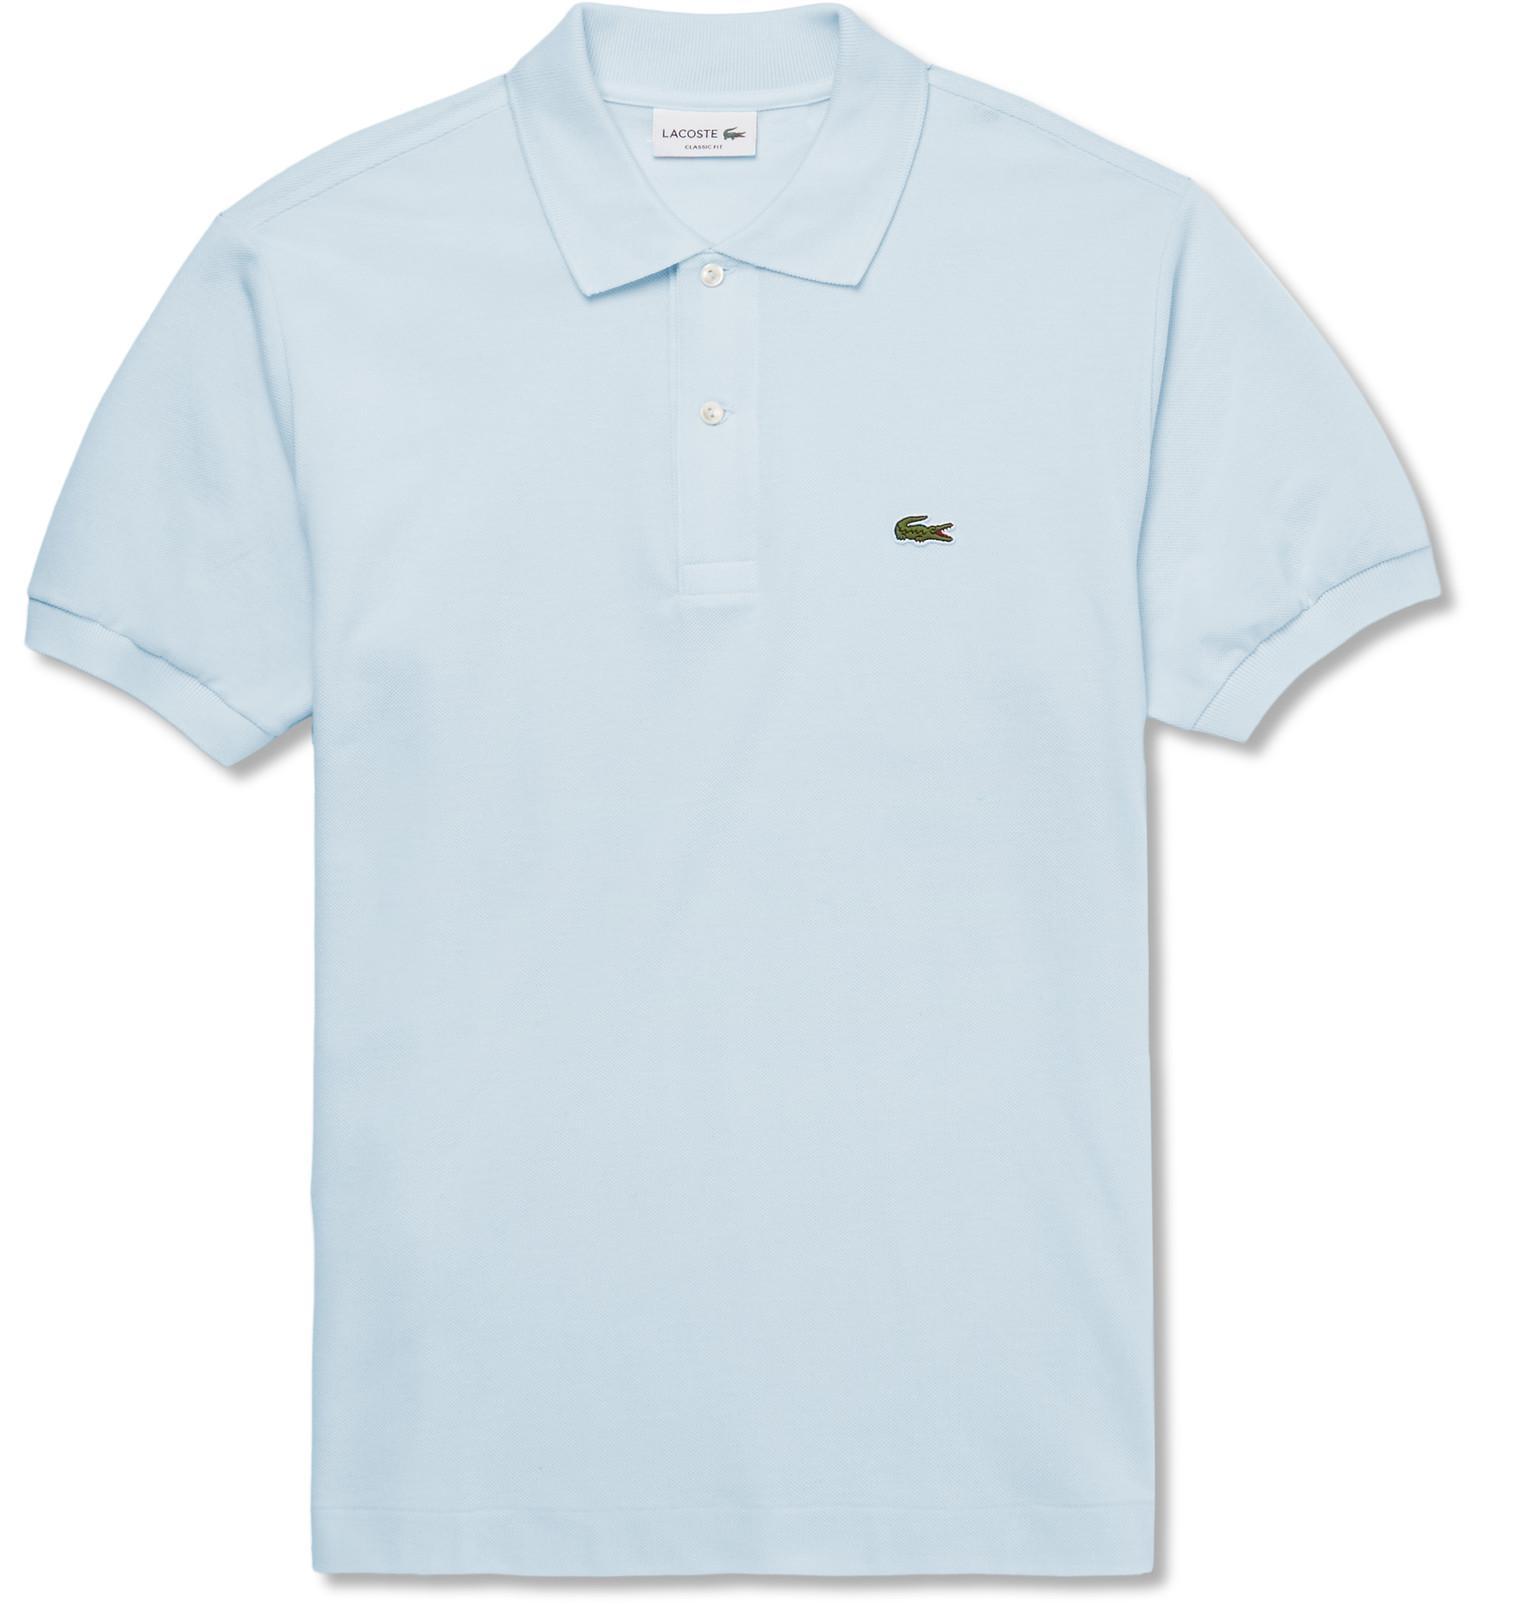 f0db1ec7c Original Lacoste Polo Shirt Vs Fake – EDGE Engineering and ...